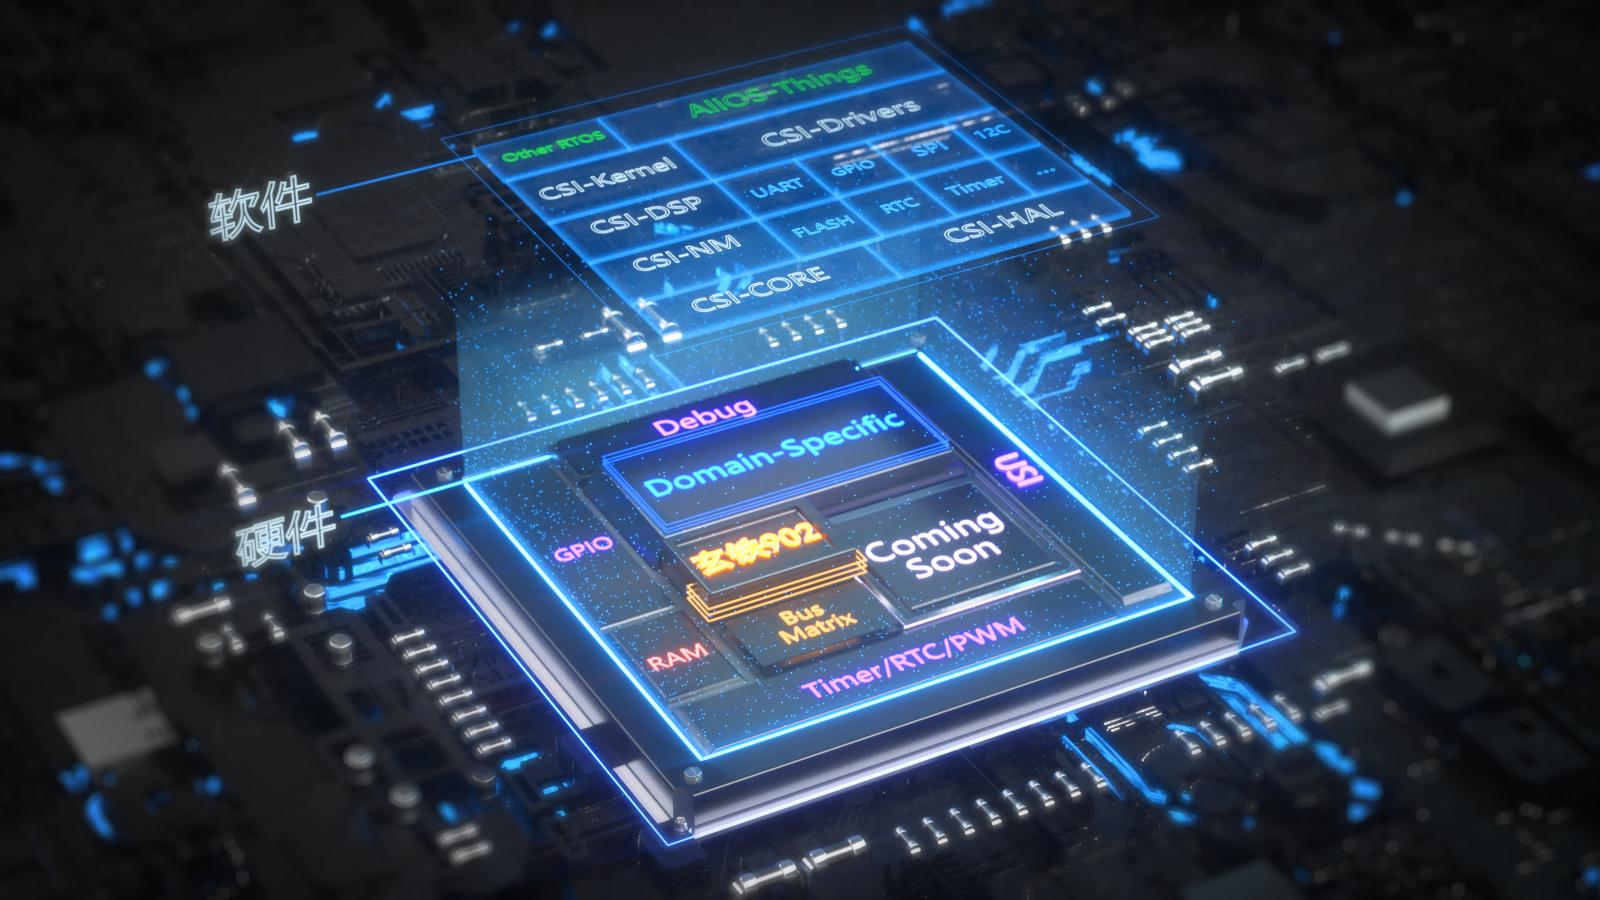 平头哥MCU芯片设计平台.png